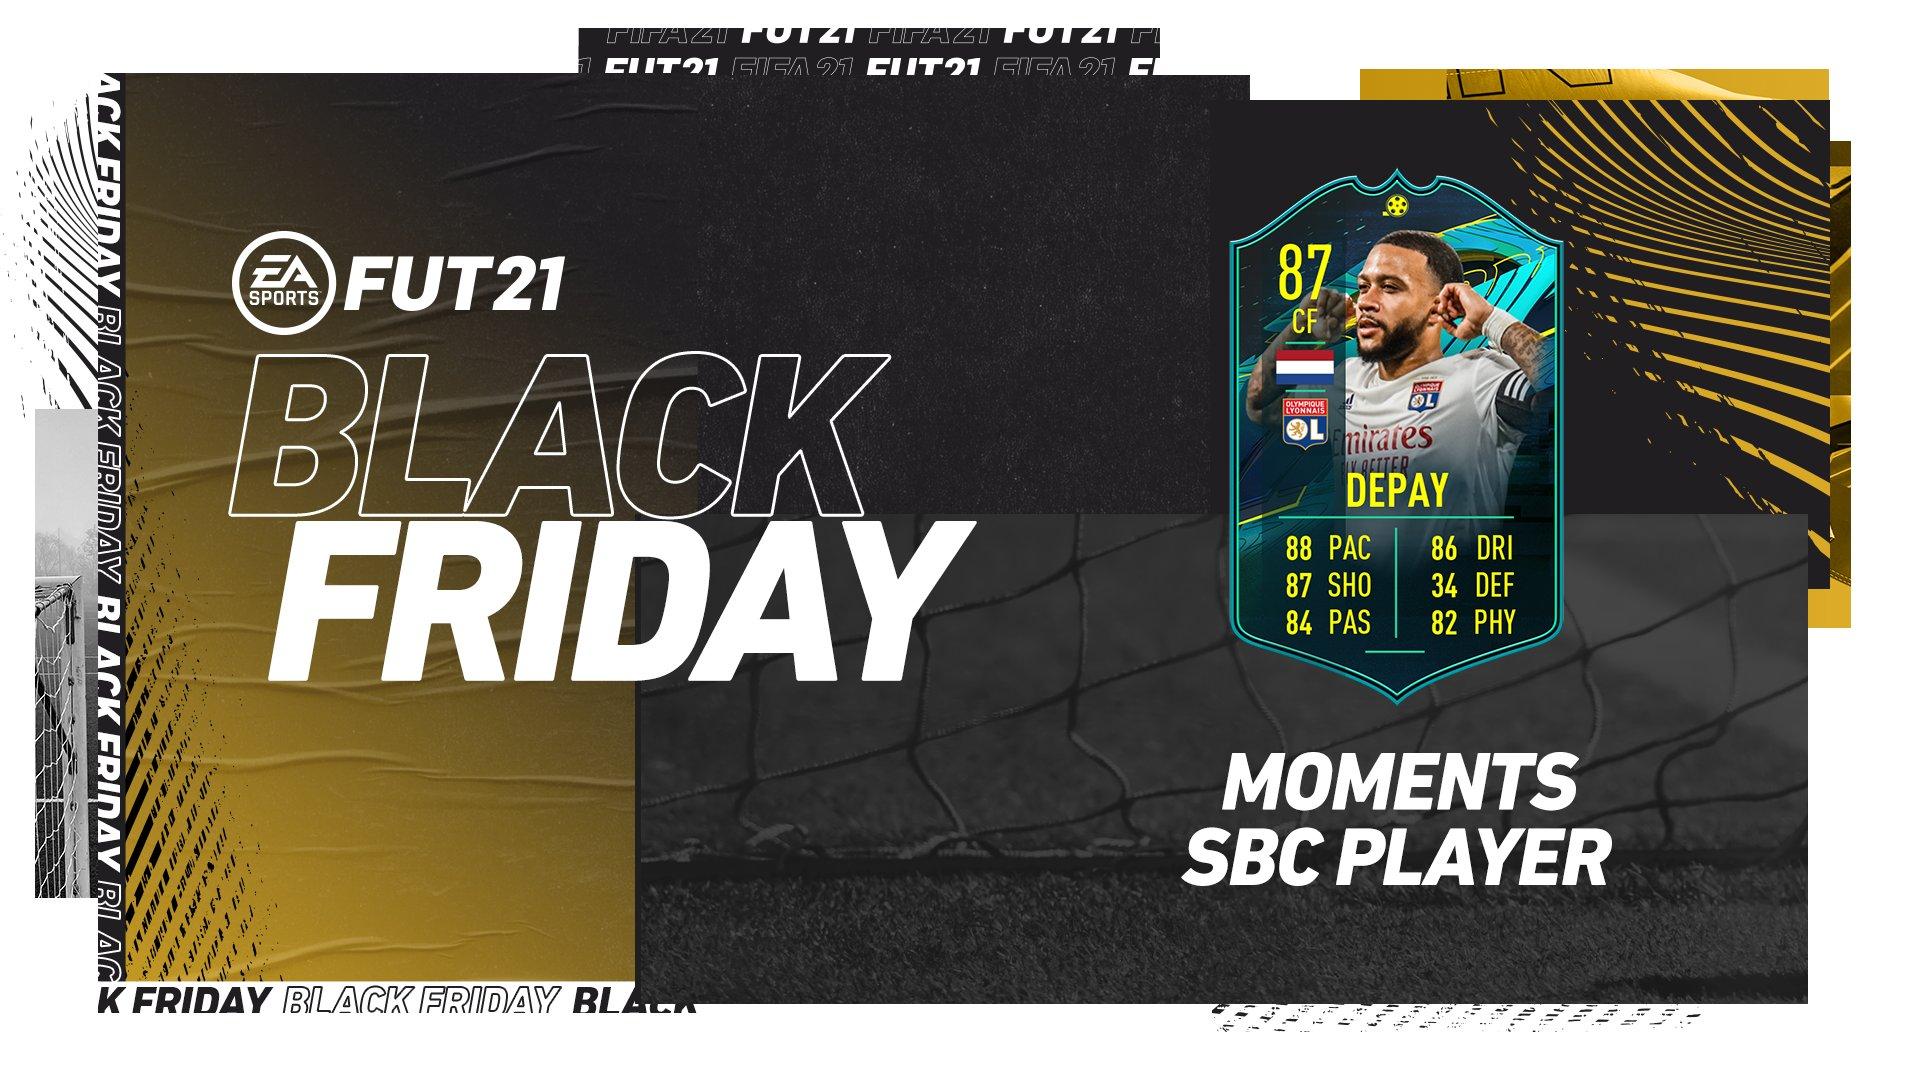 Depay Moments SBC FIFA 21